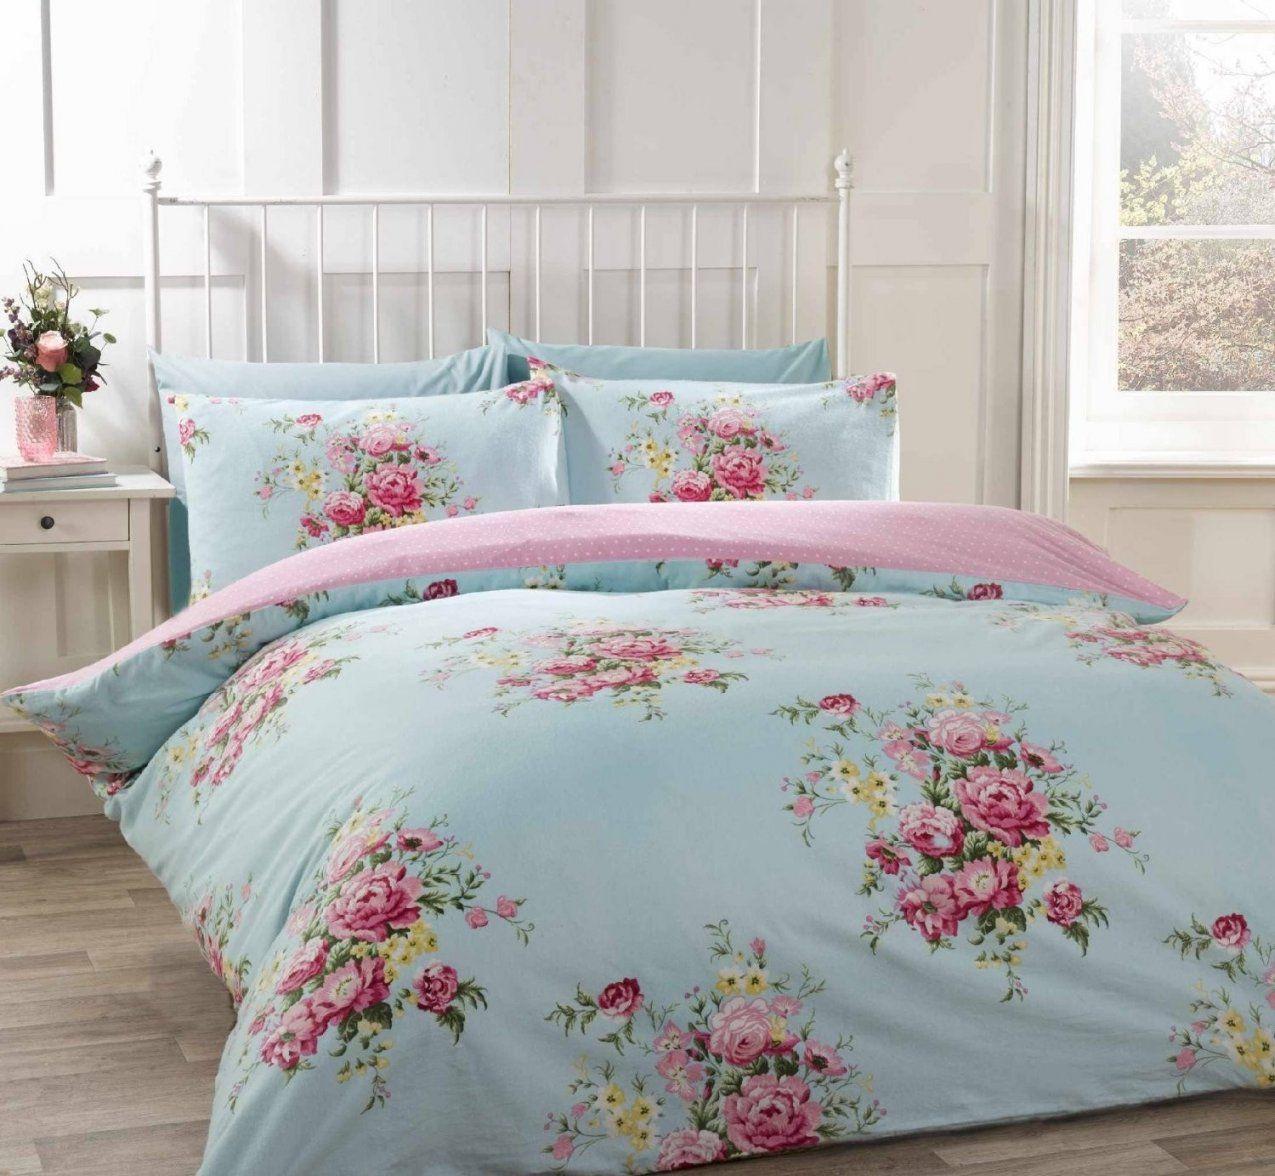 Raffiniert Bettwäsche Selbst Gestalten 155X220  Bettwäsche Ideen von Bettwäsche Selber Gestalten Günstig Photo